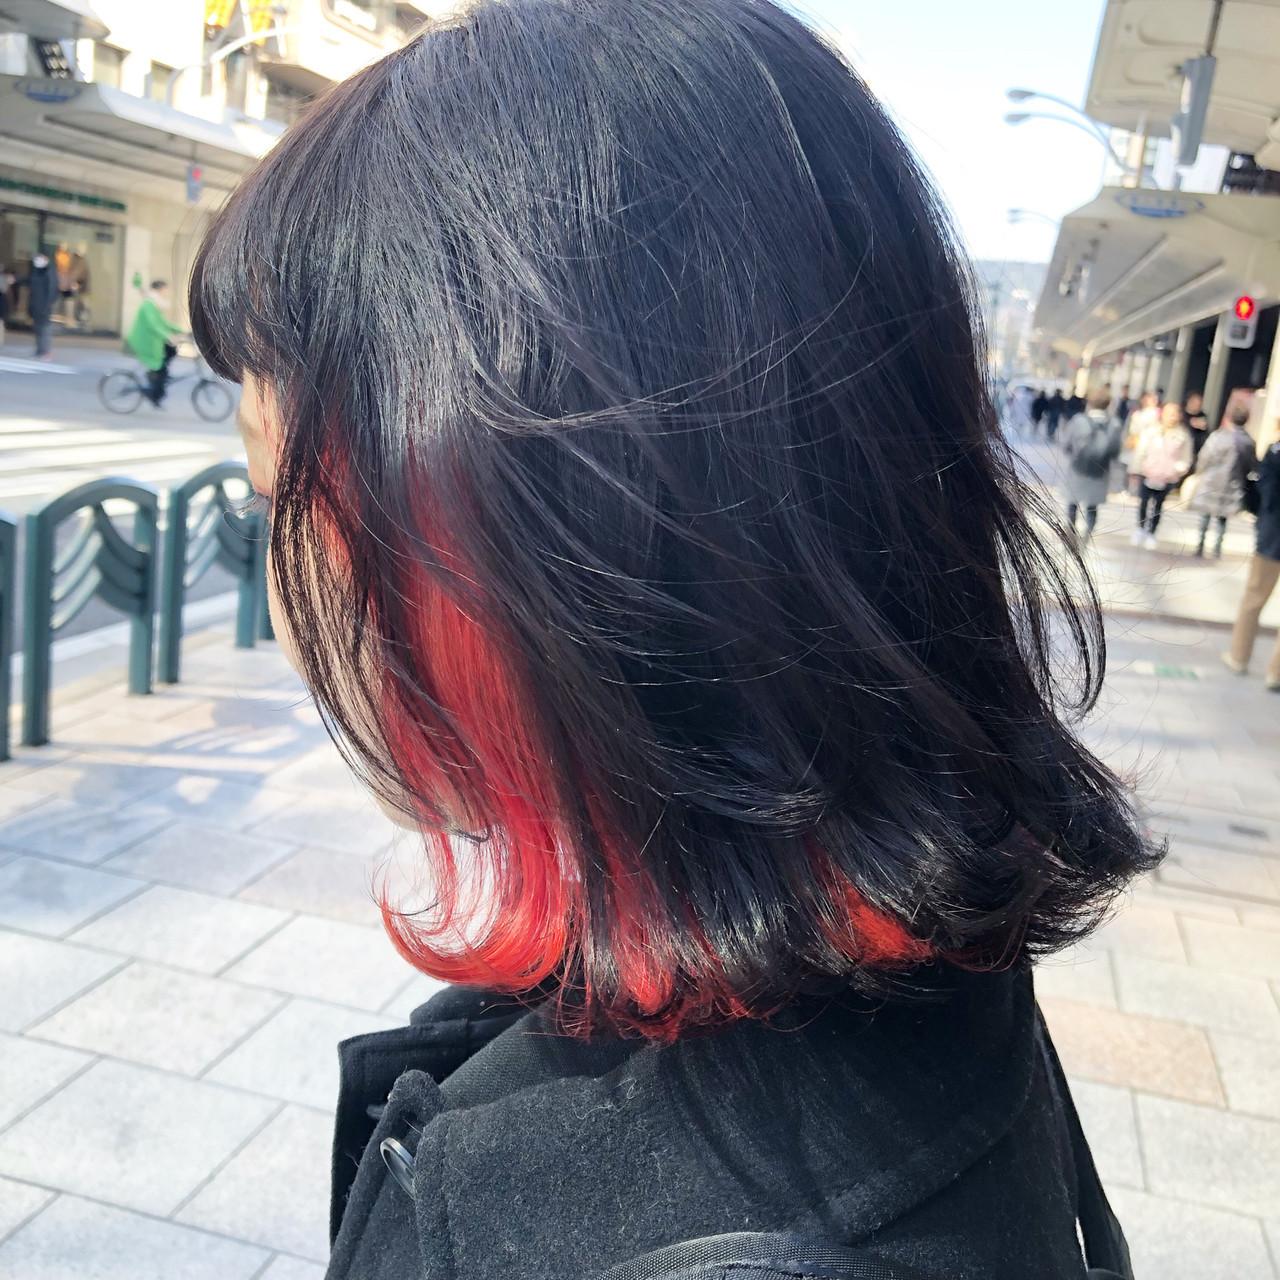 インナーカラー ブリーチカラー ミディアム ブリーチオンカラー ヘアスタイルや髪型の写真・画像